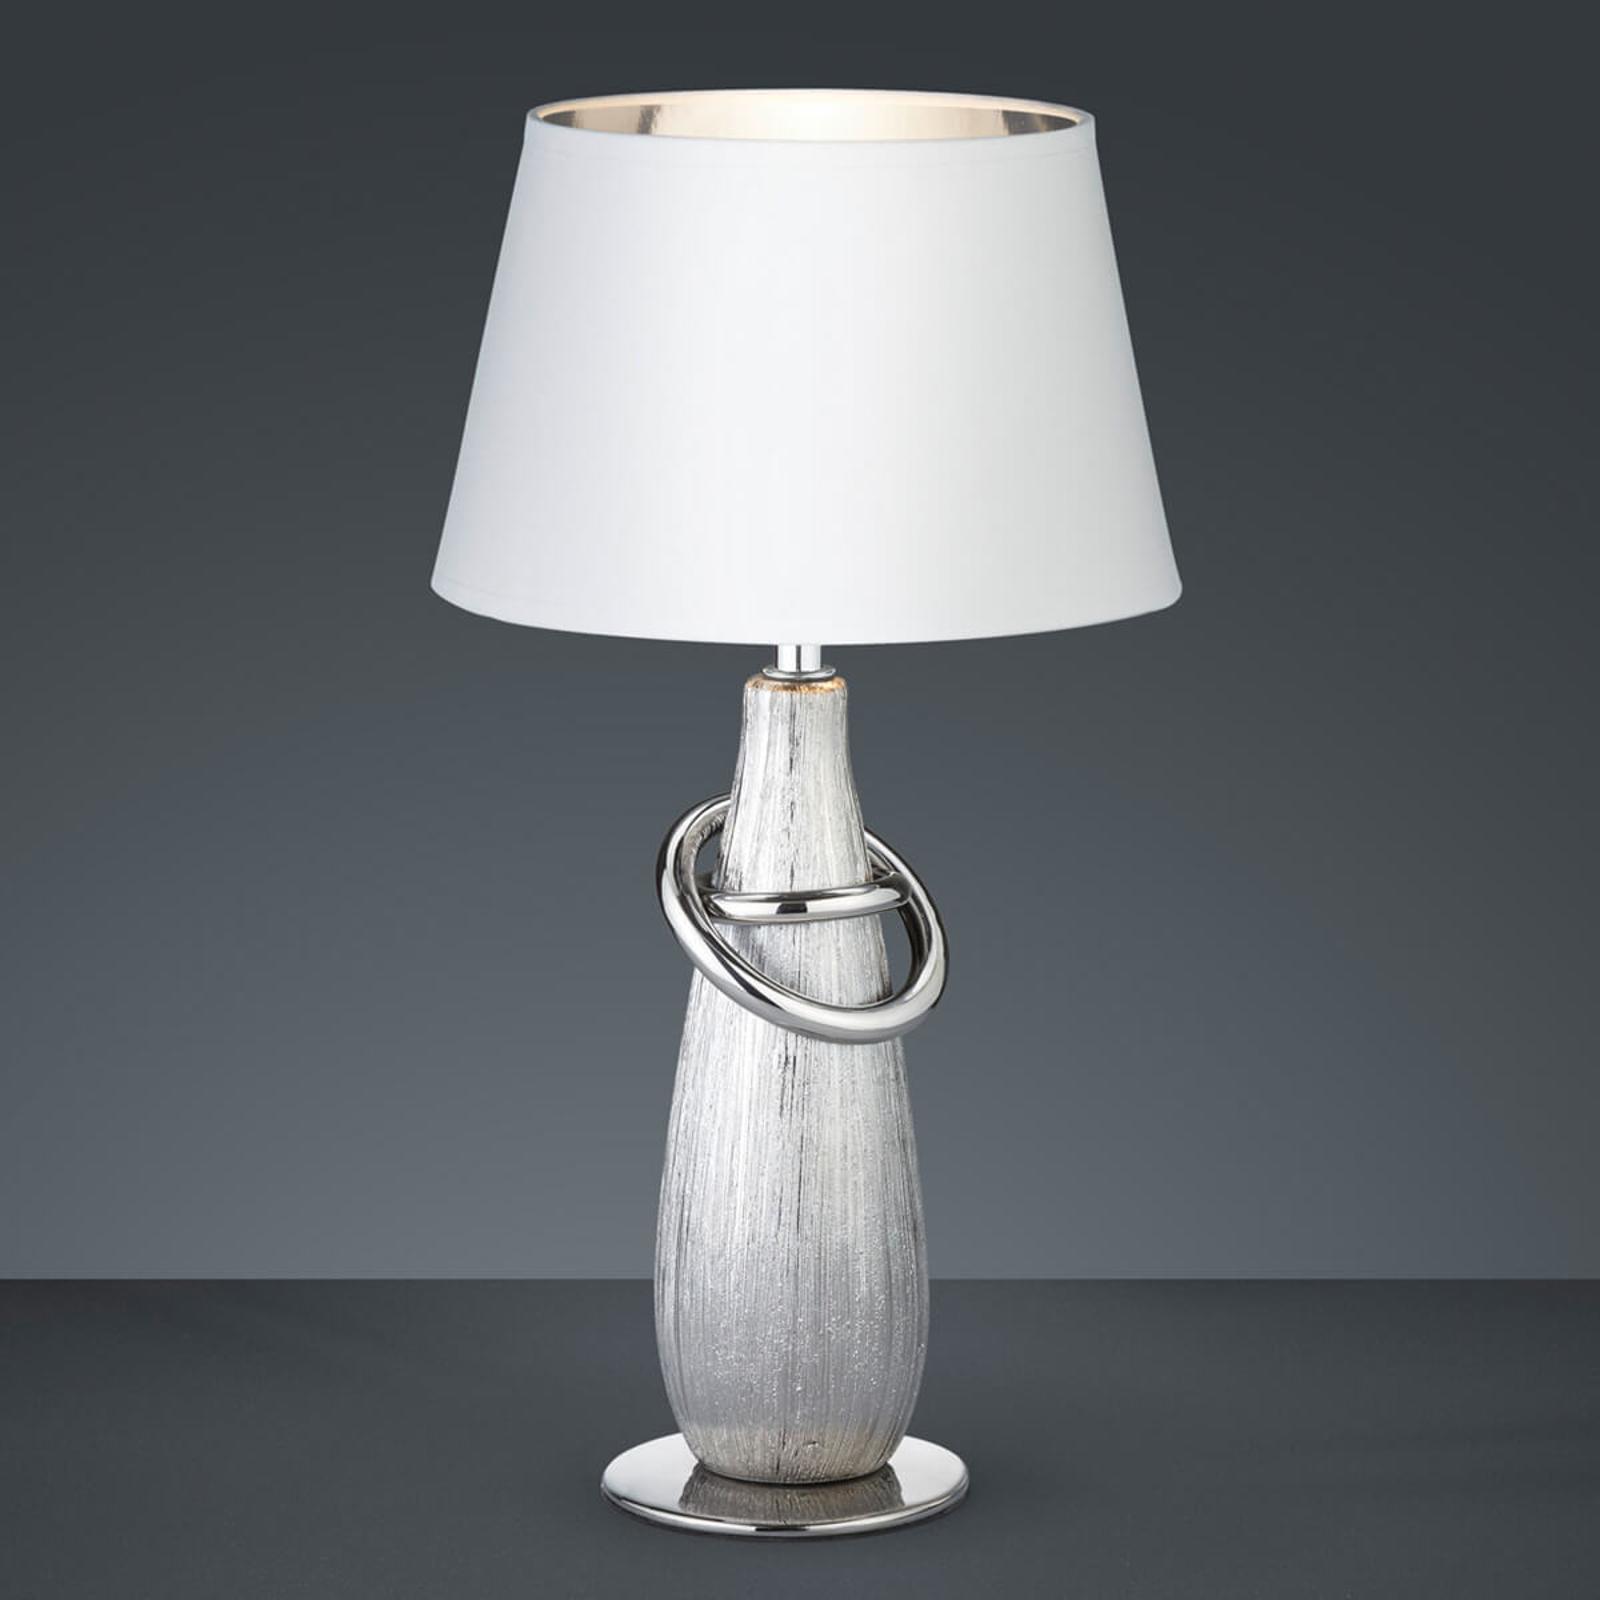 Thebes – lampa stołowa z ceramiczną podstawą